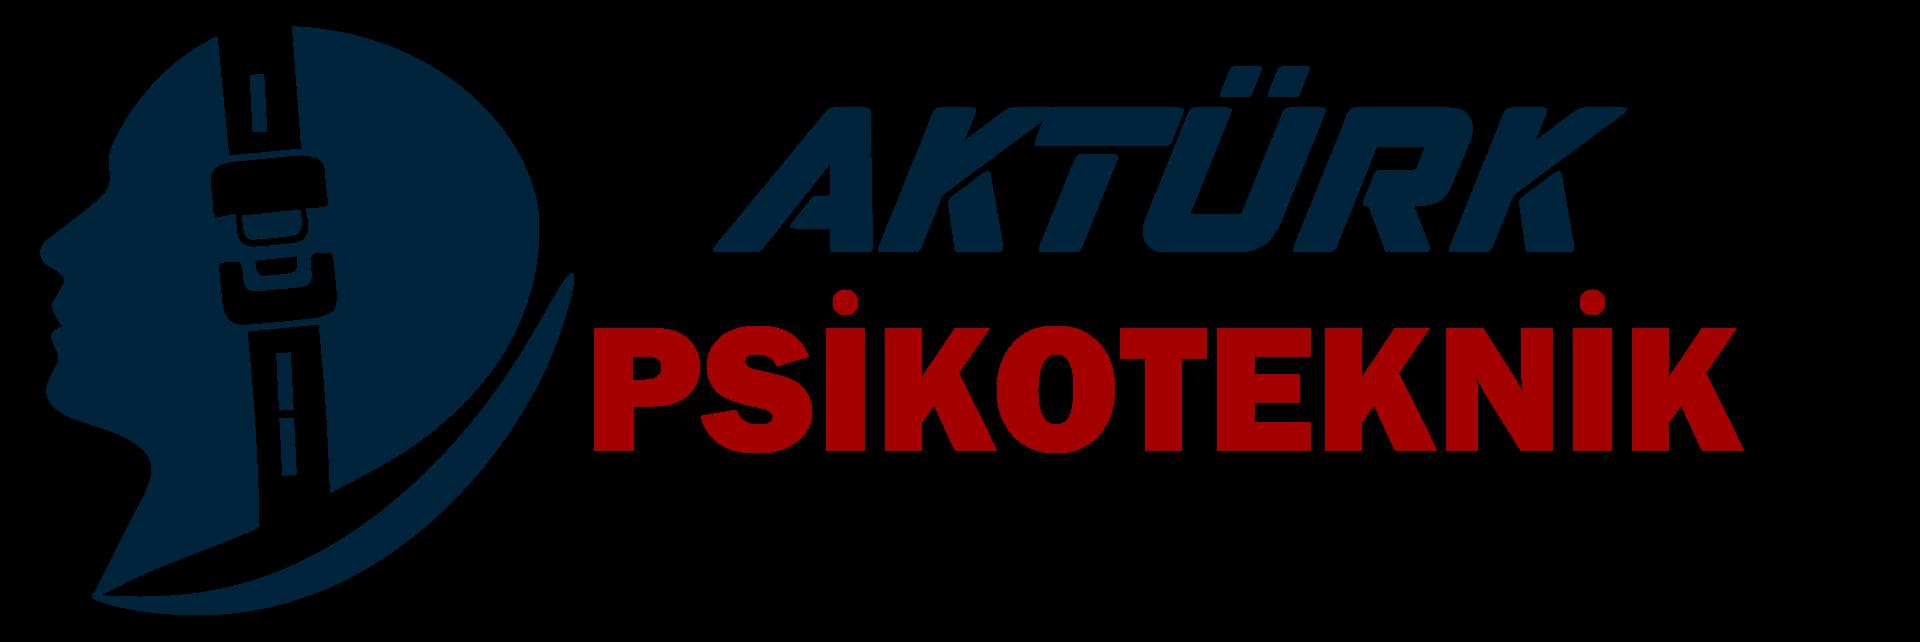 Aktürk Psikoteknik Değerlendirme Merkezi – AKSARAY / MERKEZ